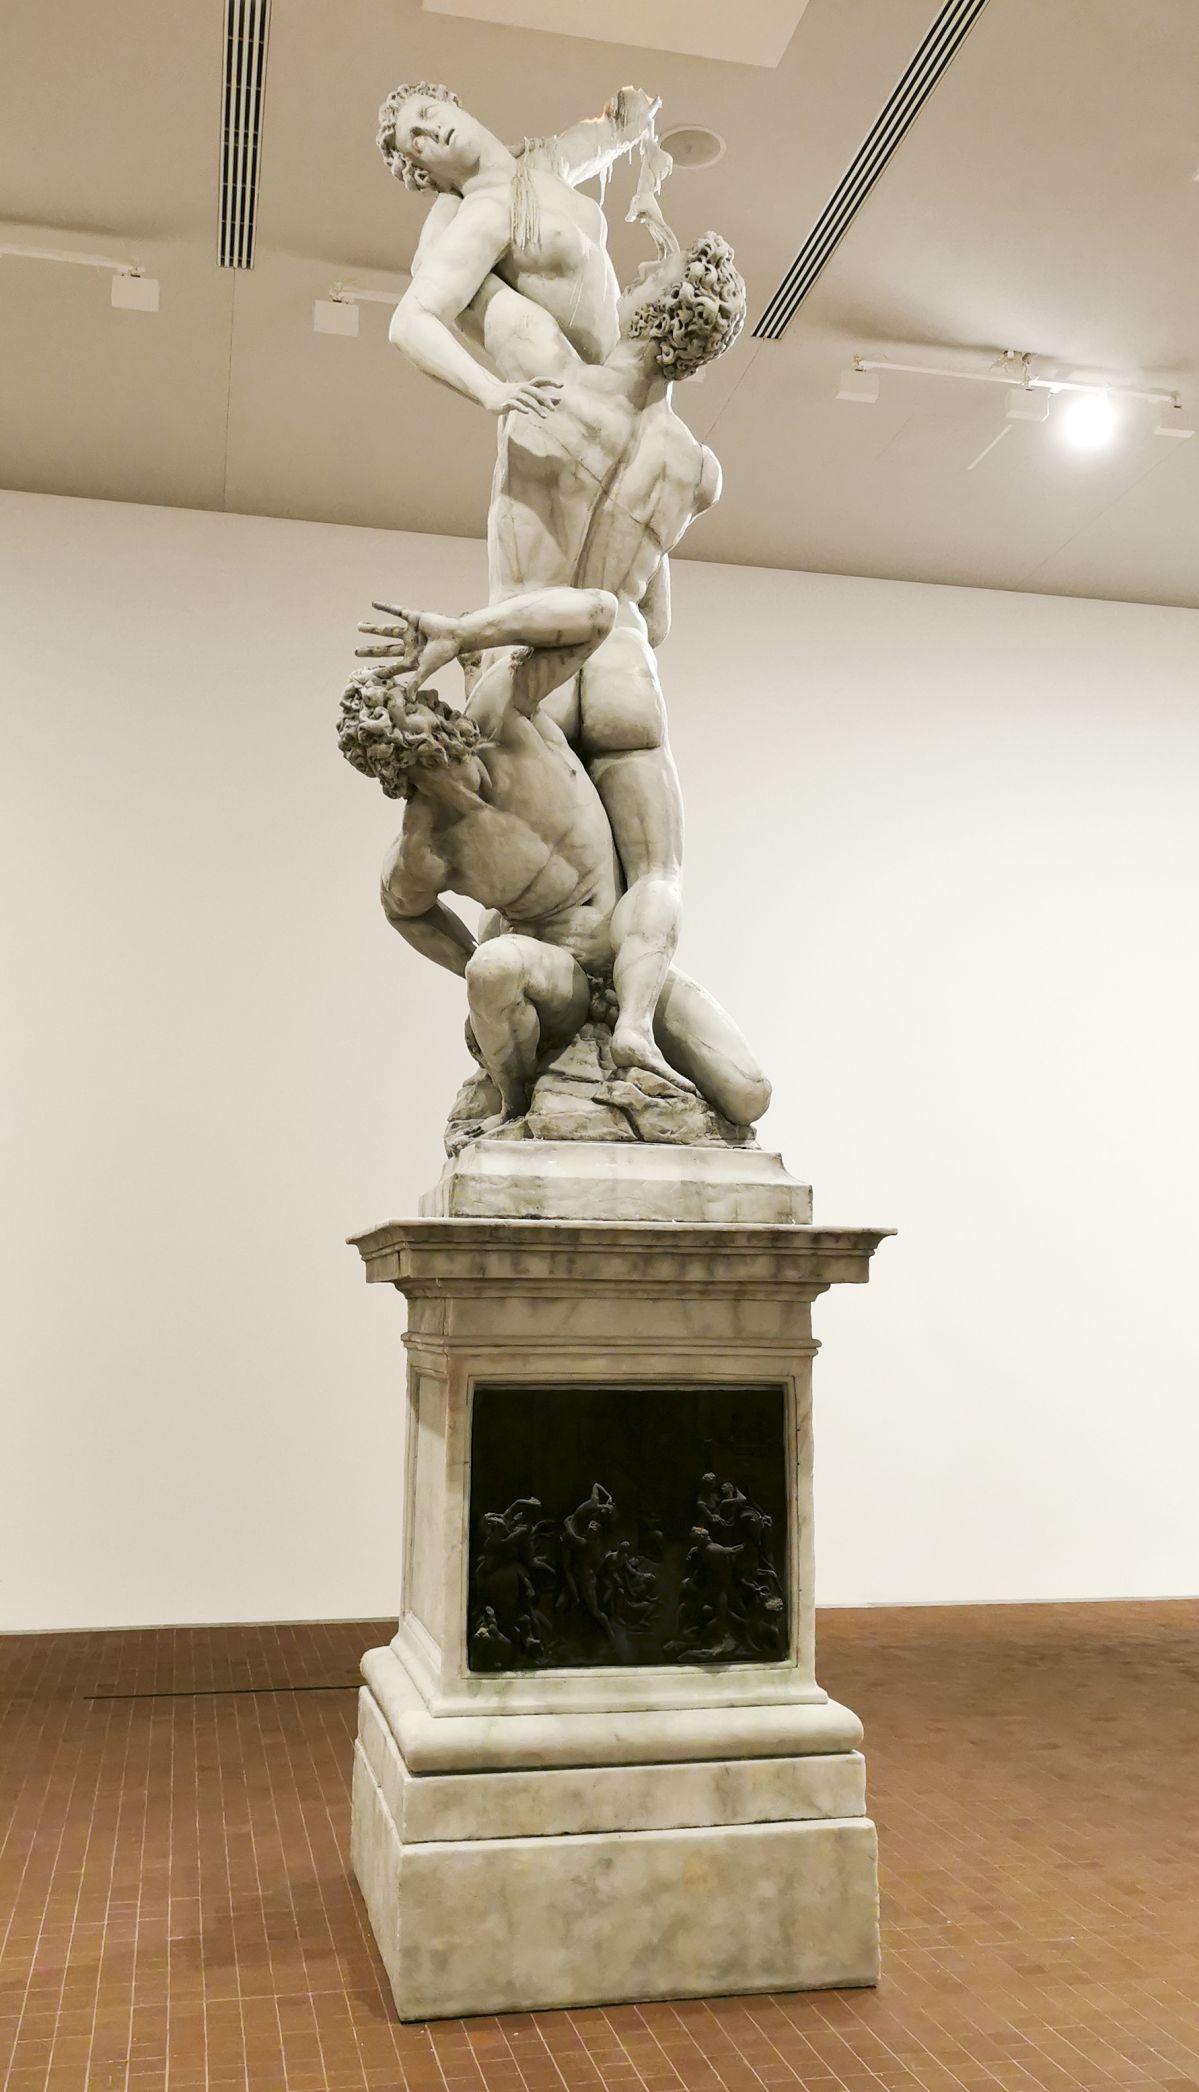 Urs Fischer - Sans titre (l'Enlèvement des Sabines), 2011 - The Impermanent Display , Collection Maja Hoffmann - Luma Arles 2021